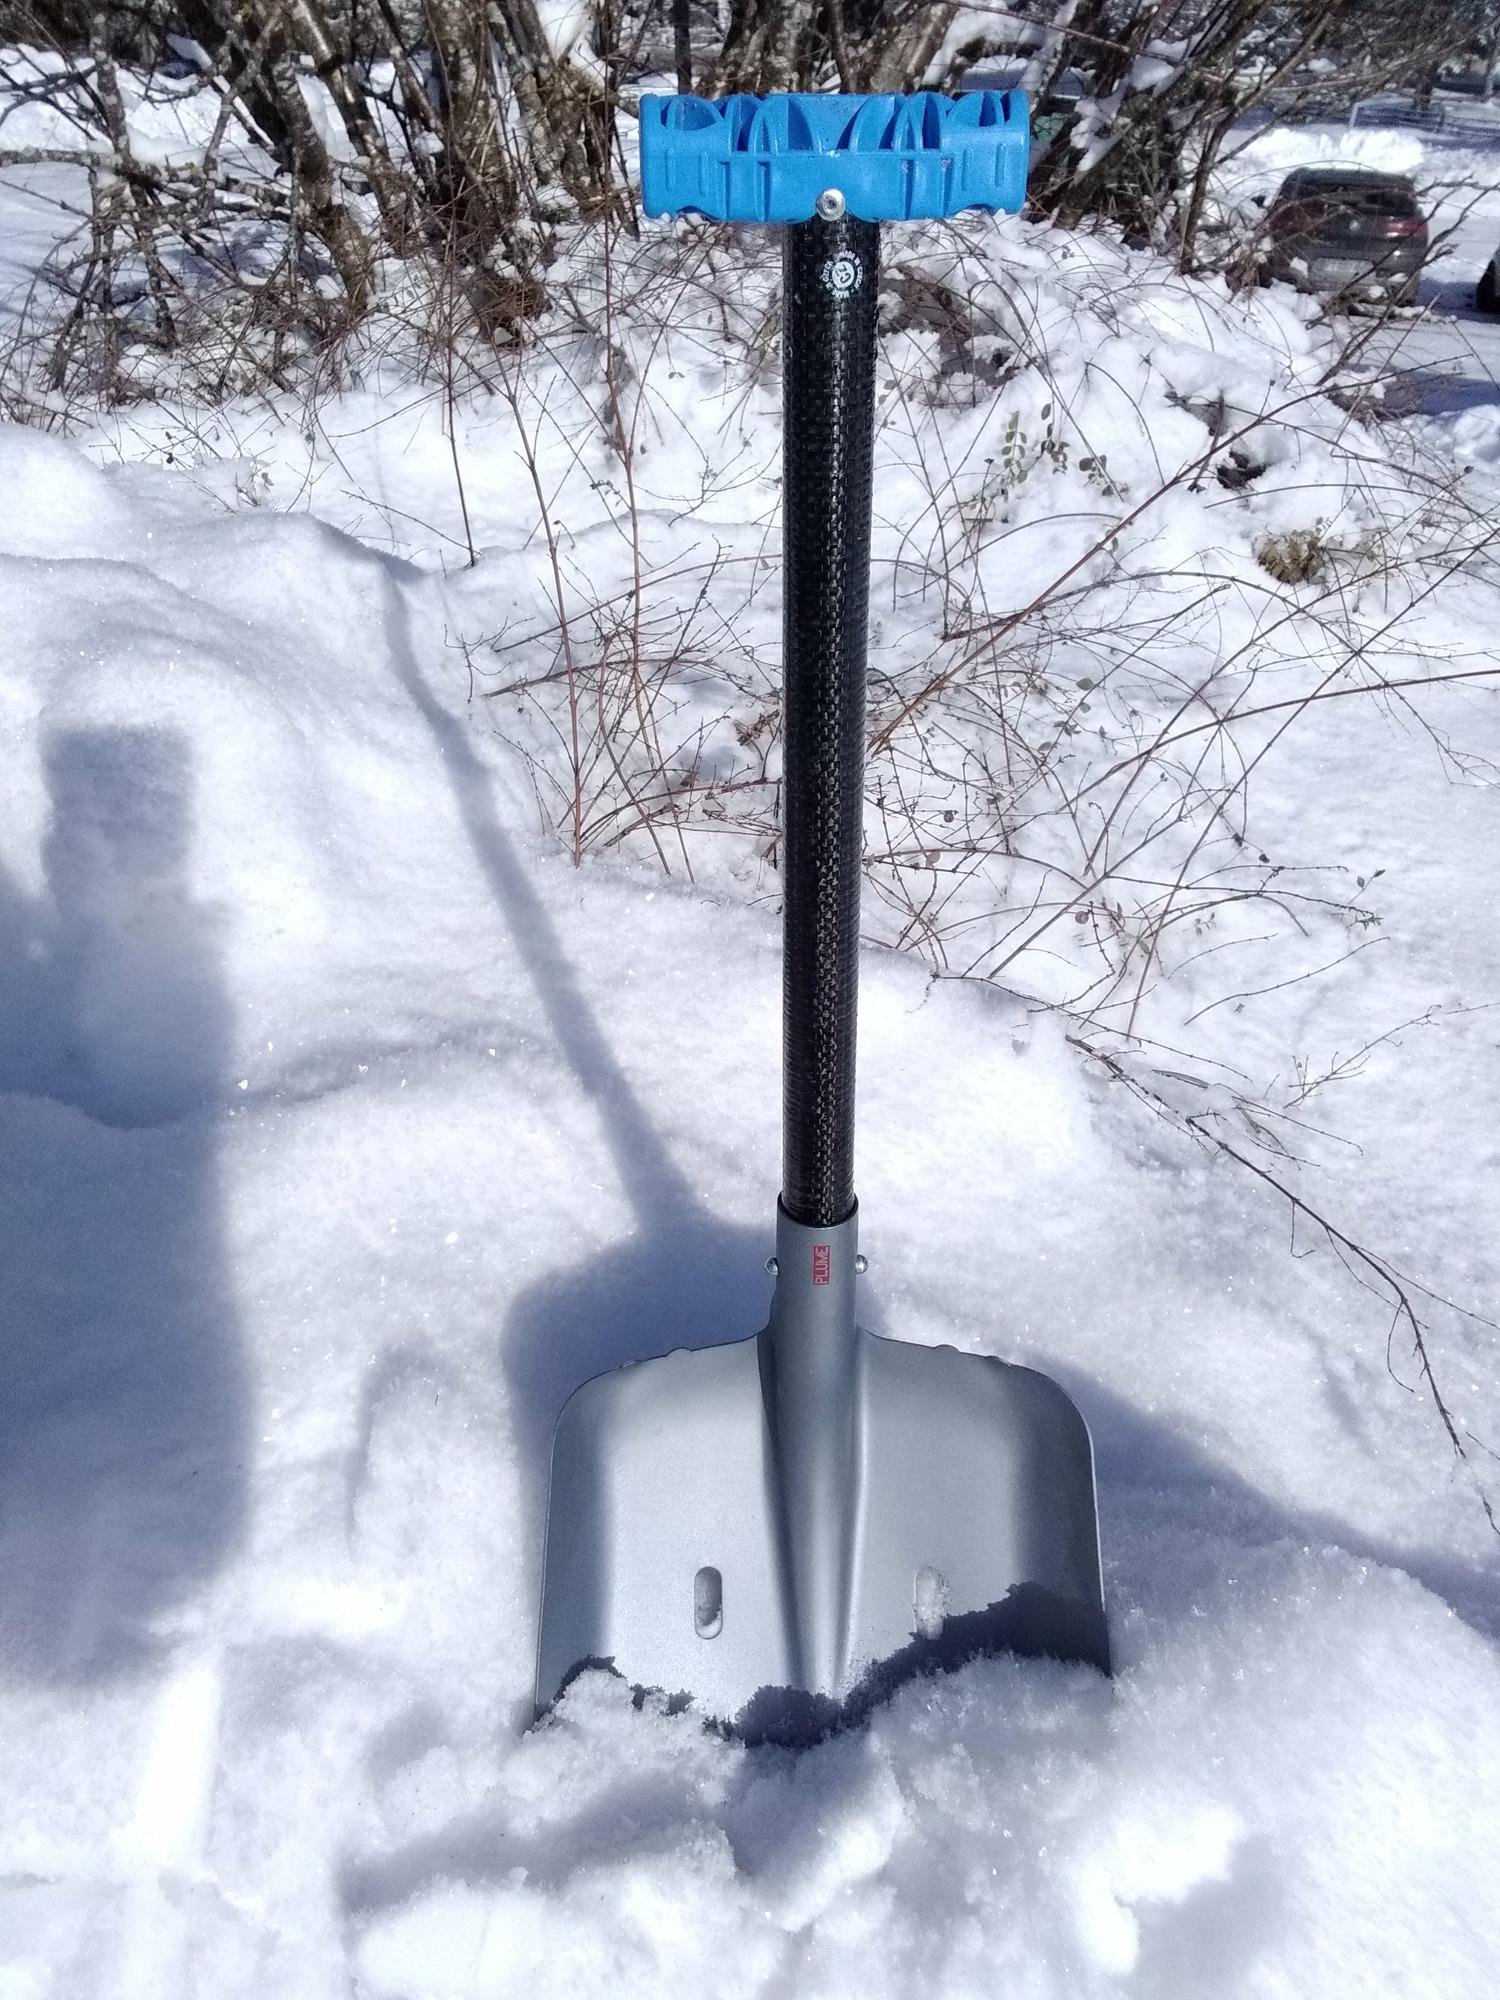 Arva Snow Plume